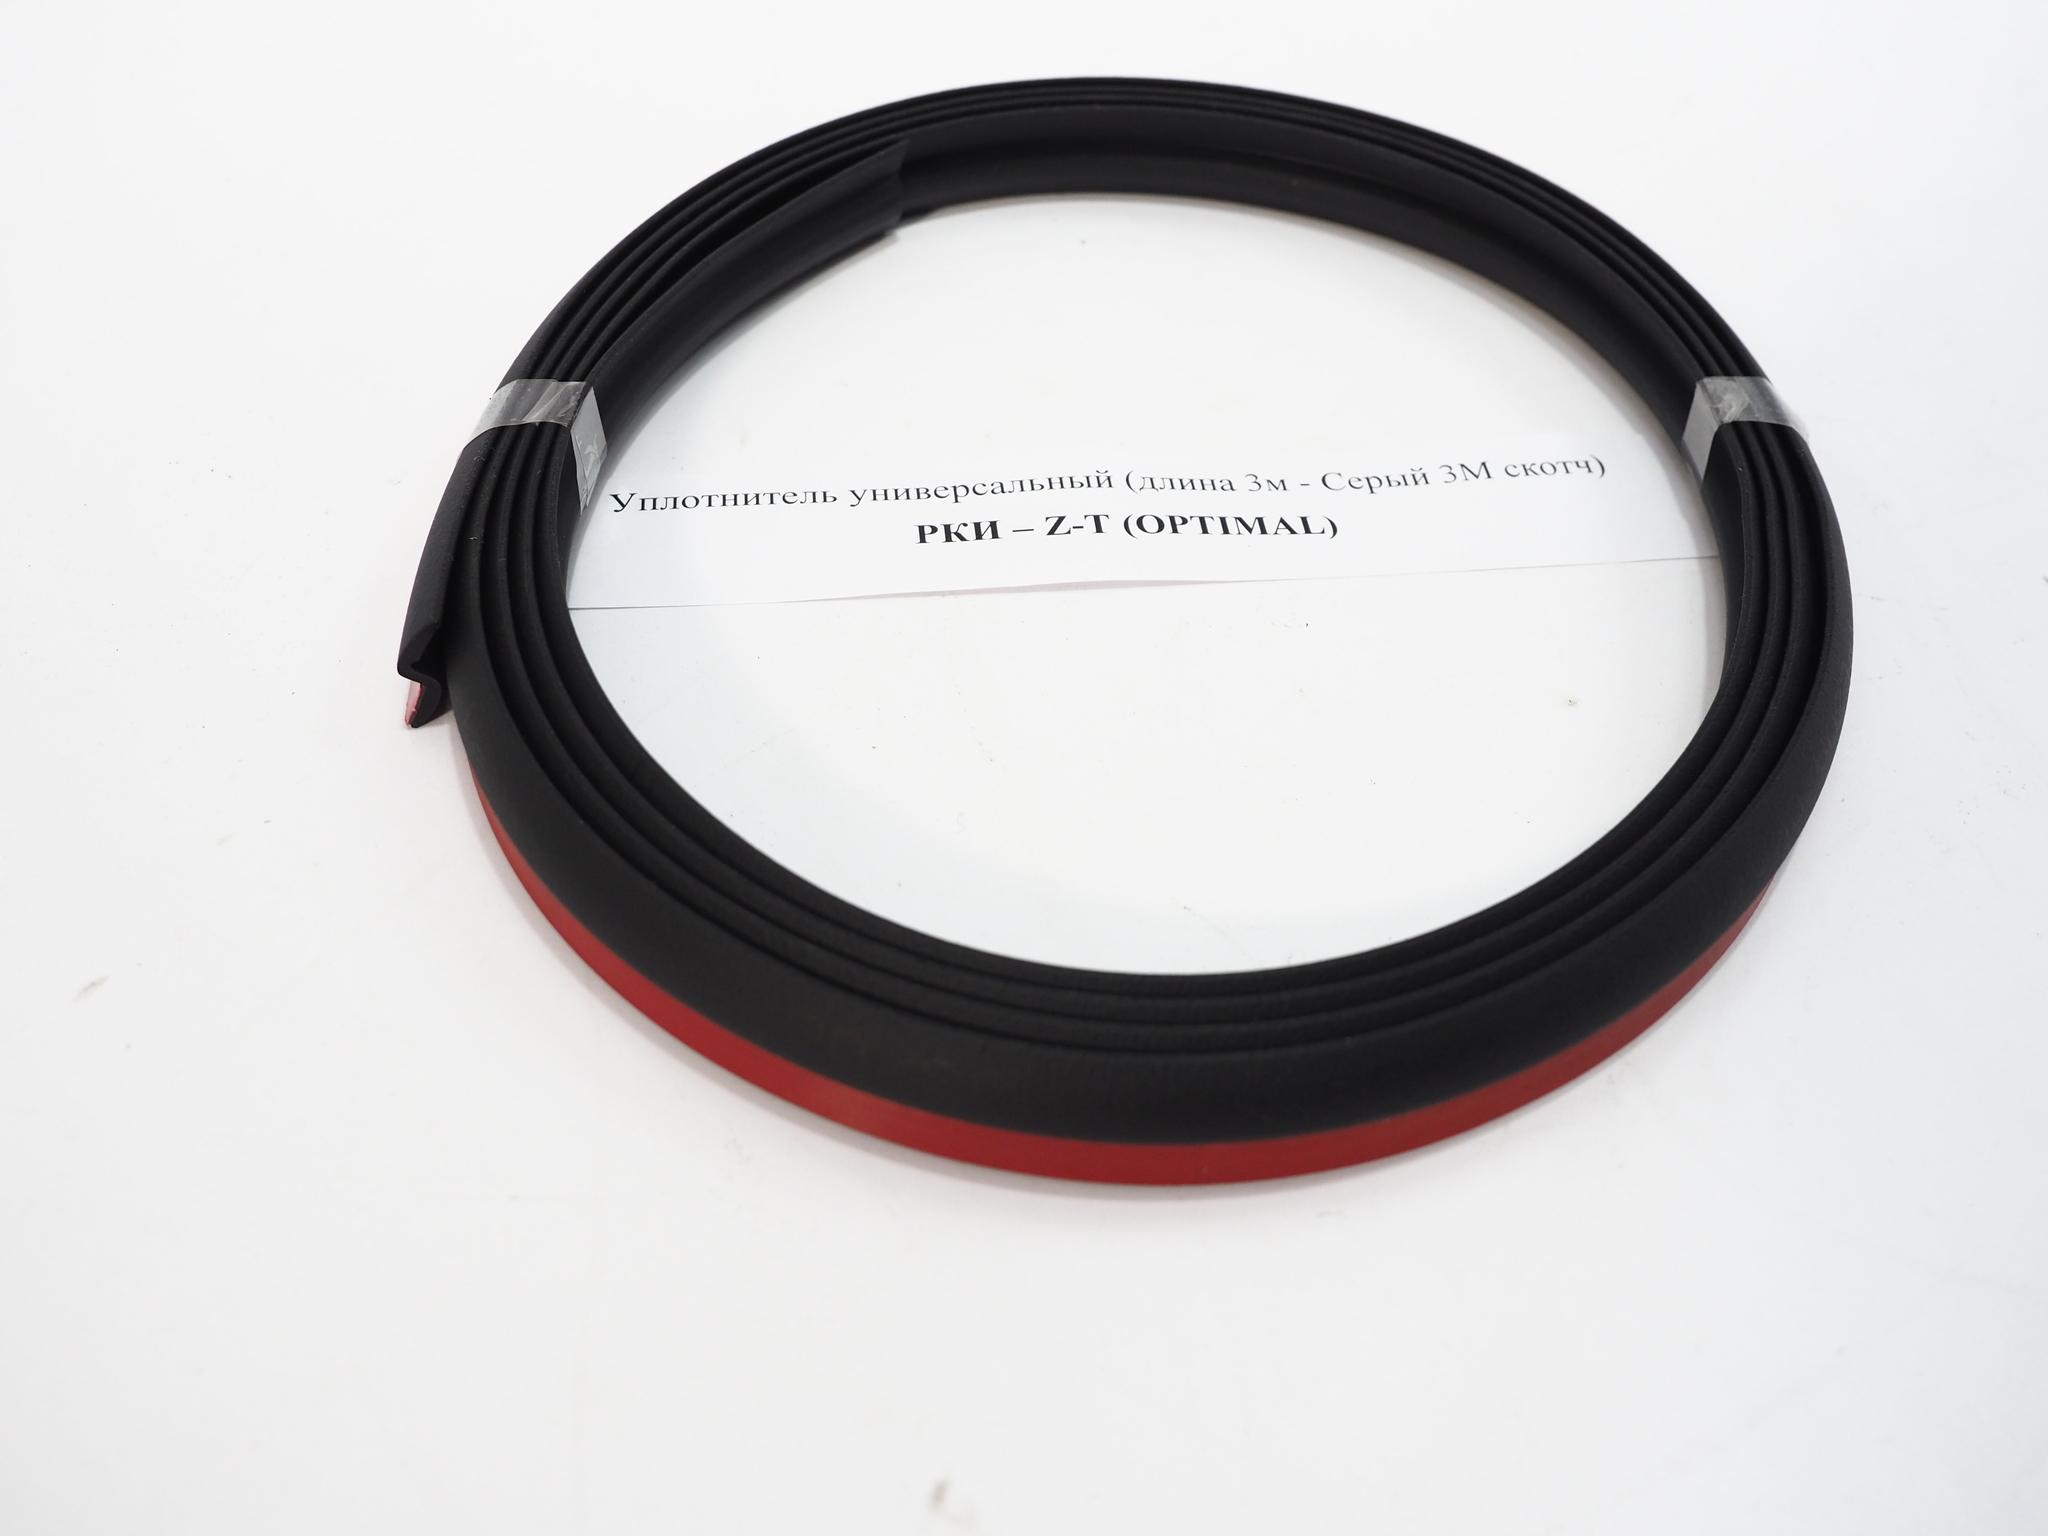 Z профиль, уплотнитель универсальный РКИ-ZT - Premium -3метра